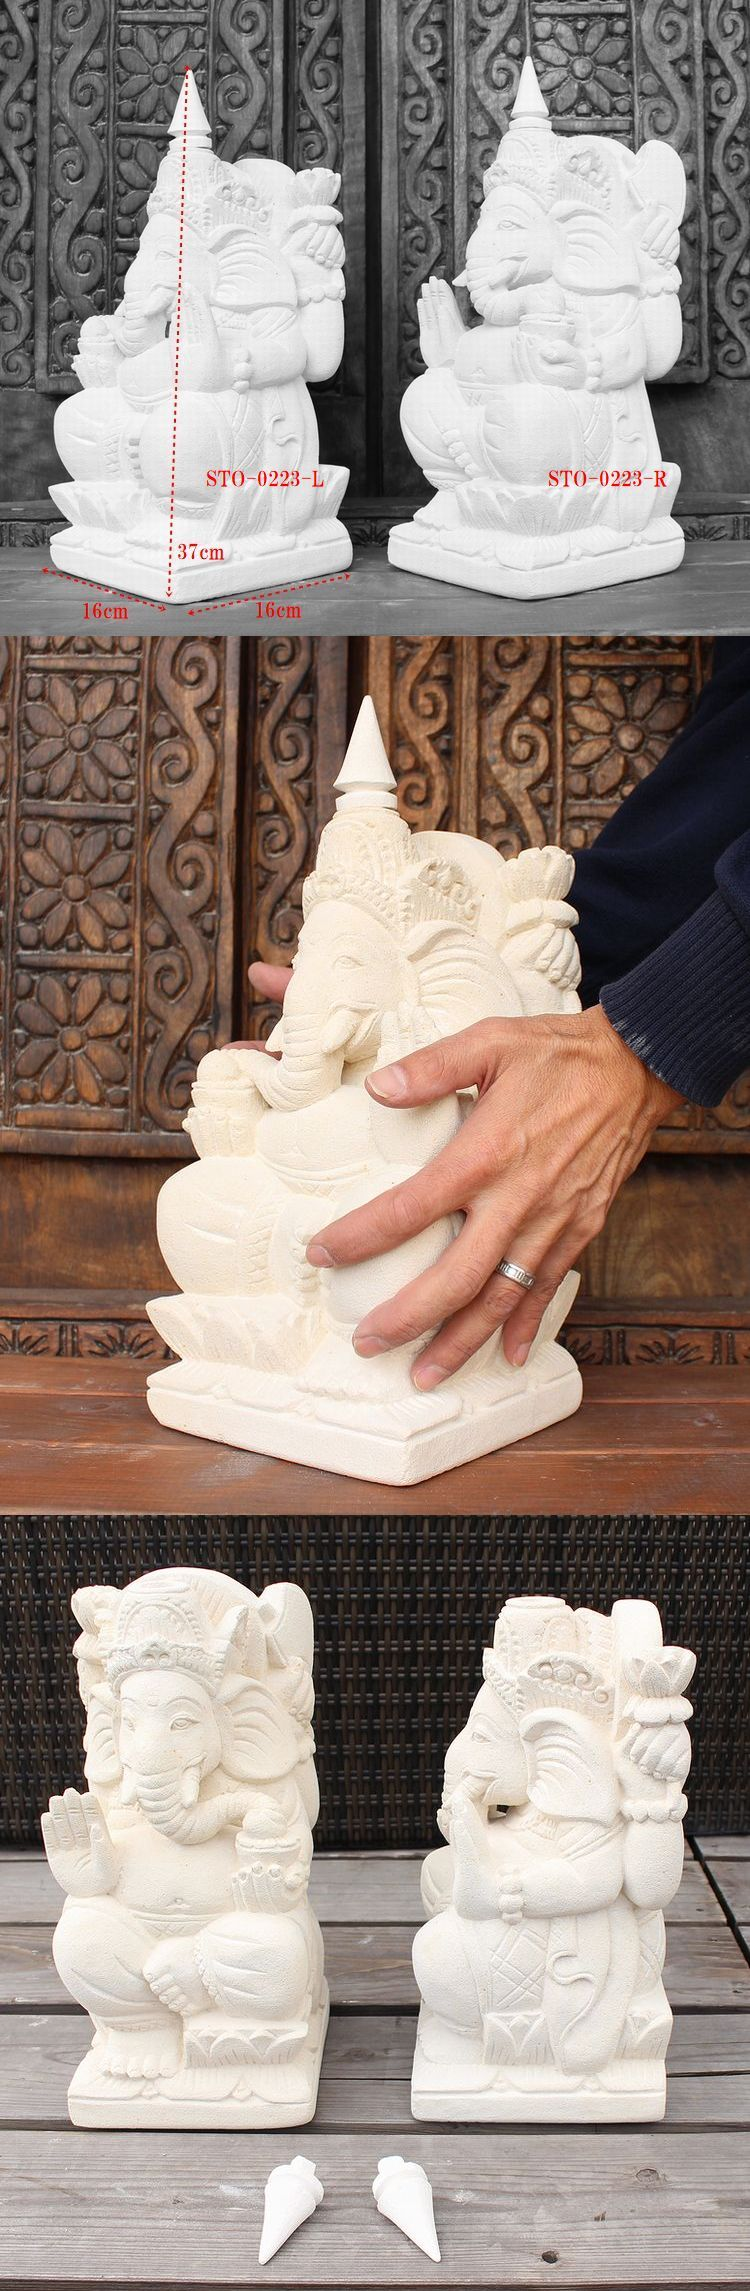 アジアン,石彫り,石像 ハノマン,バリ島,ストーンカービング,外構,ガーデニング